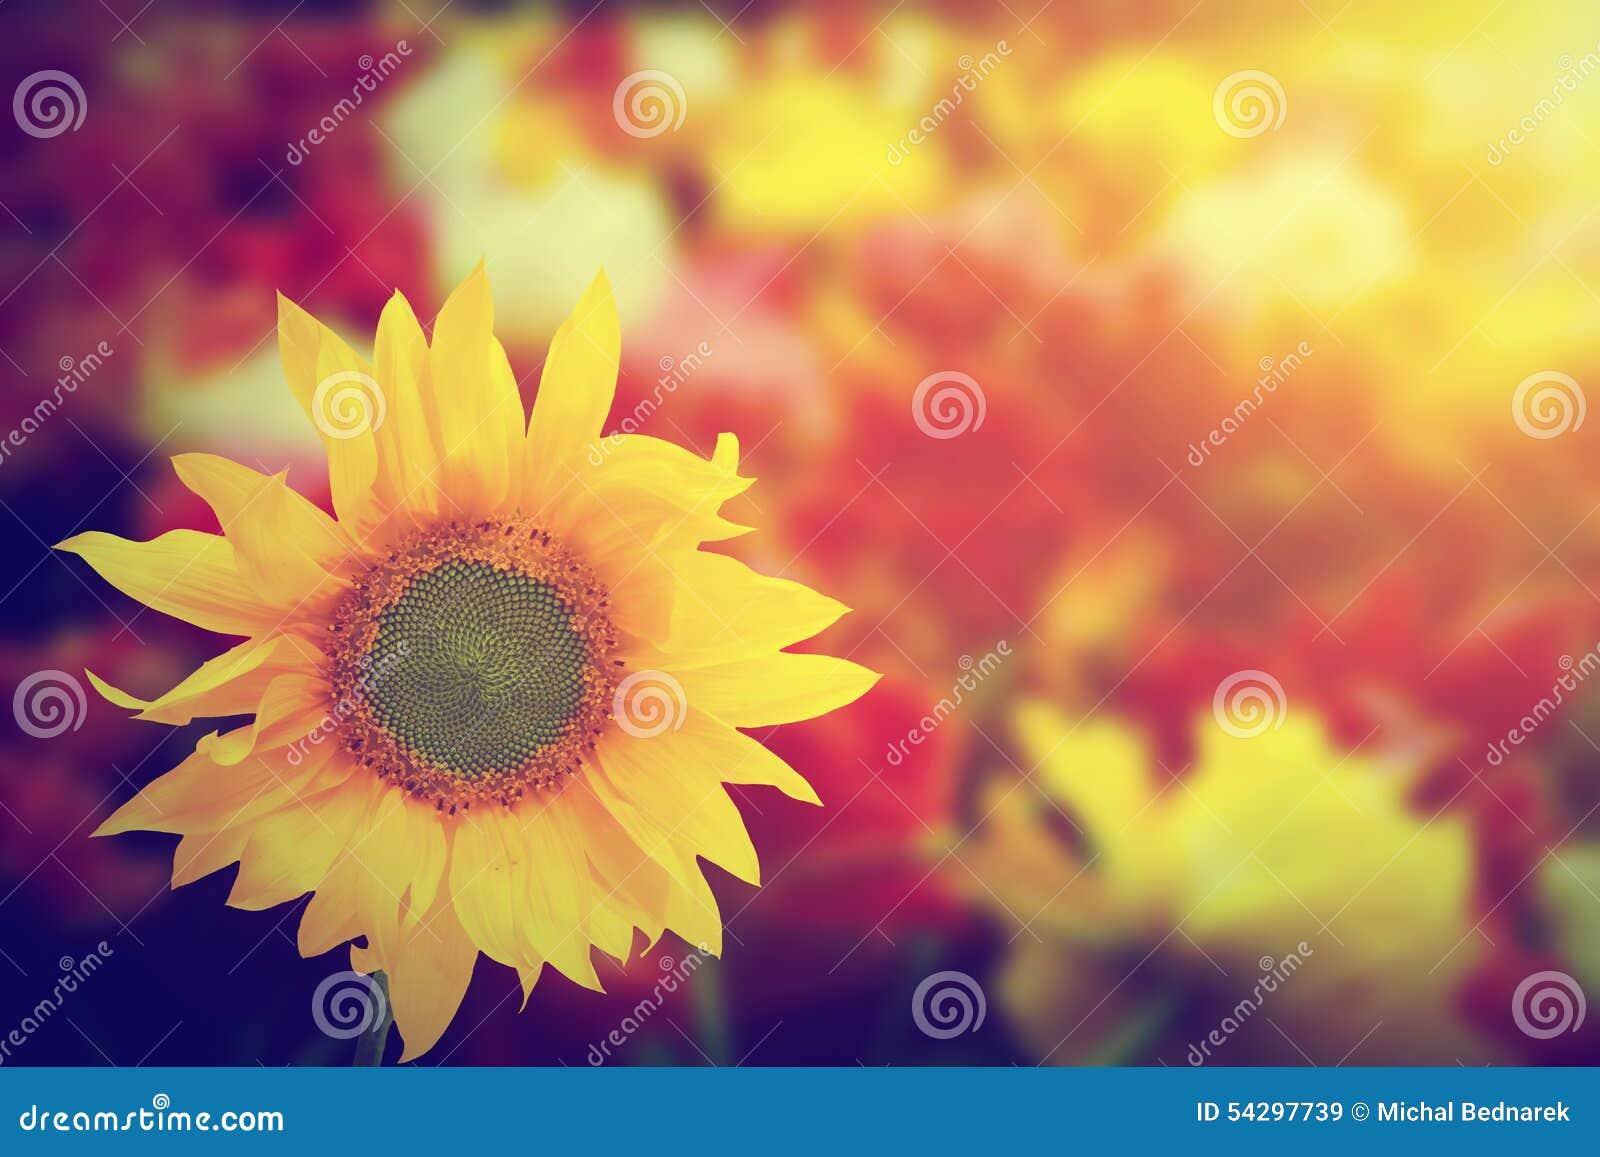 向日葵在其他春天夏天中开花在阳光